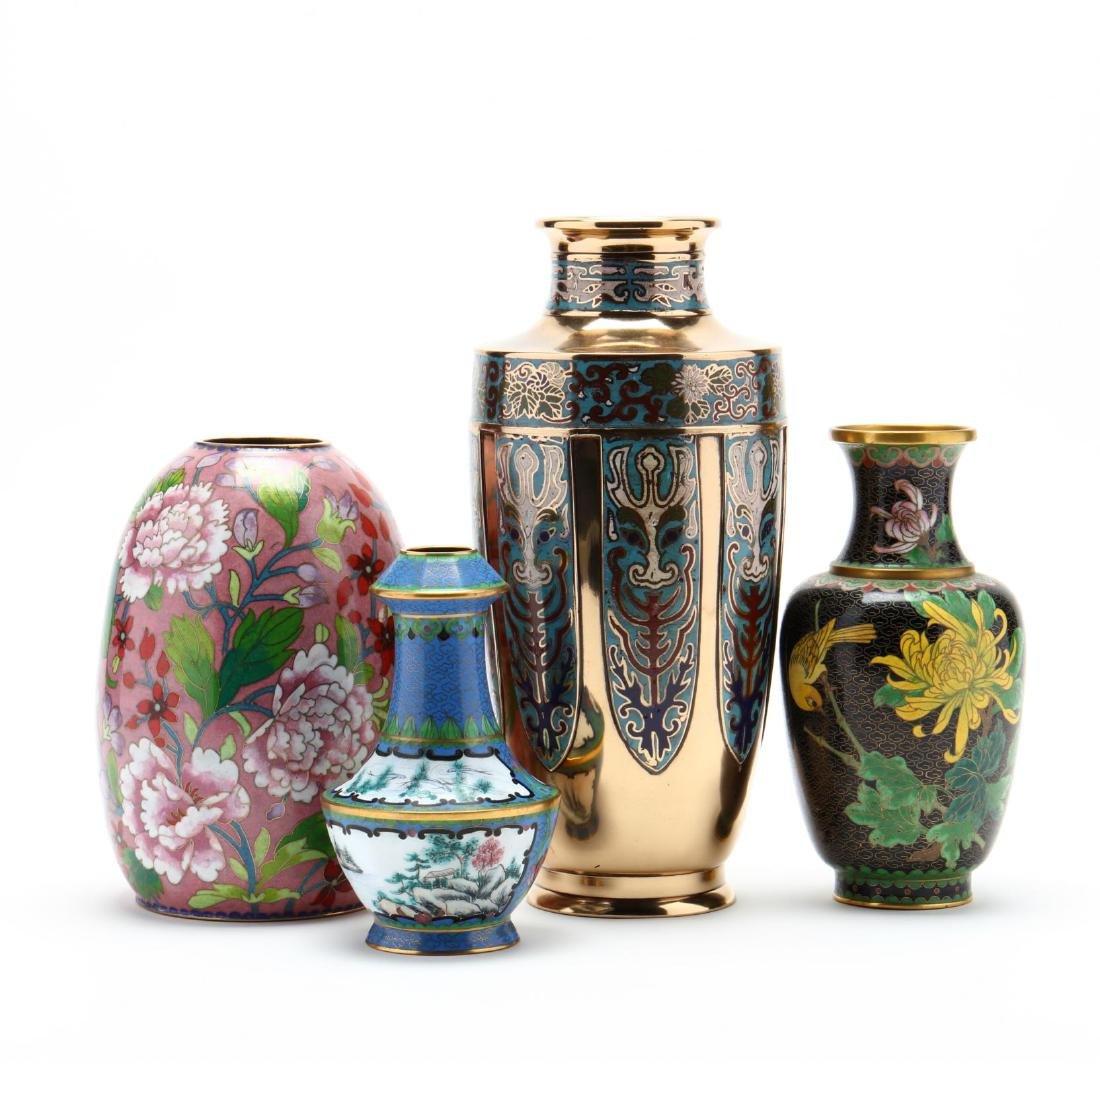 Four Asian Enameled Vases